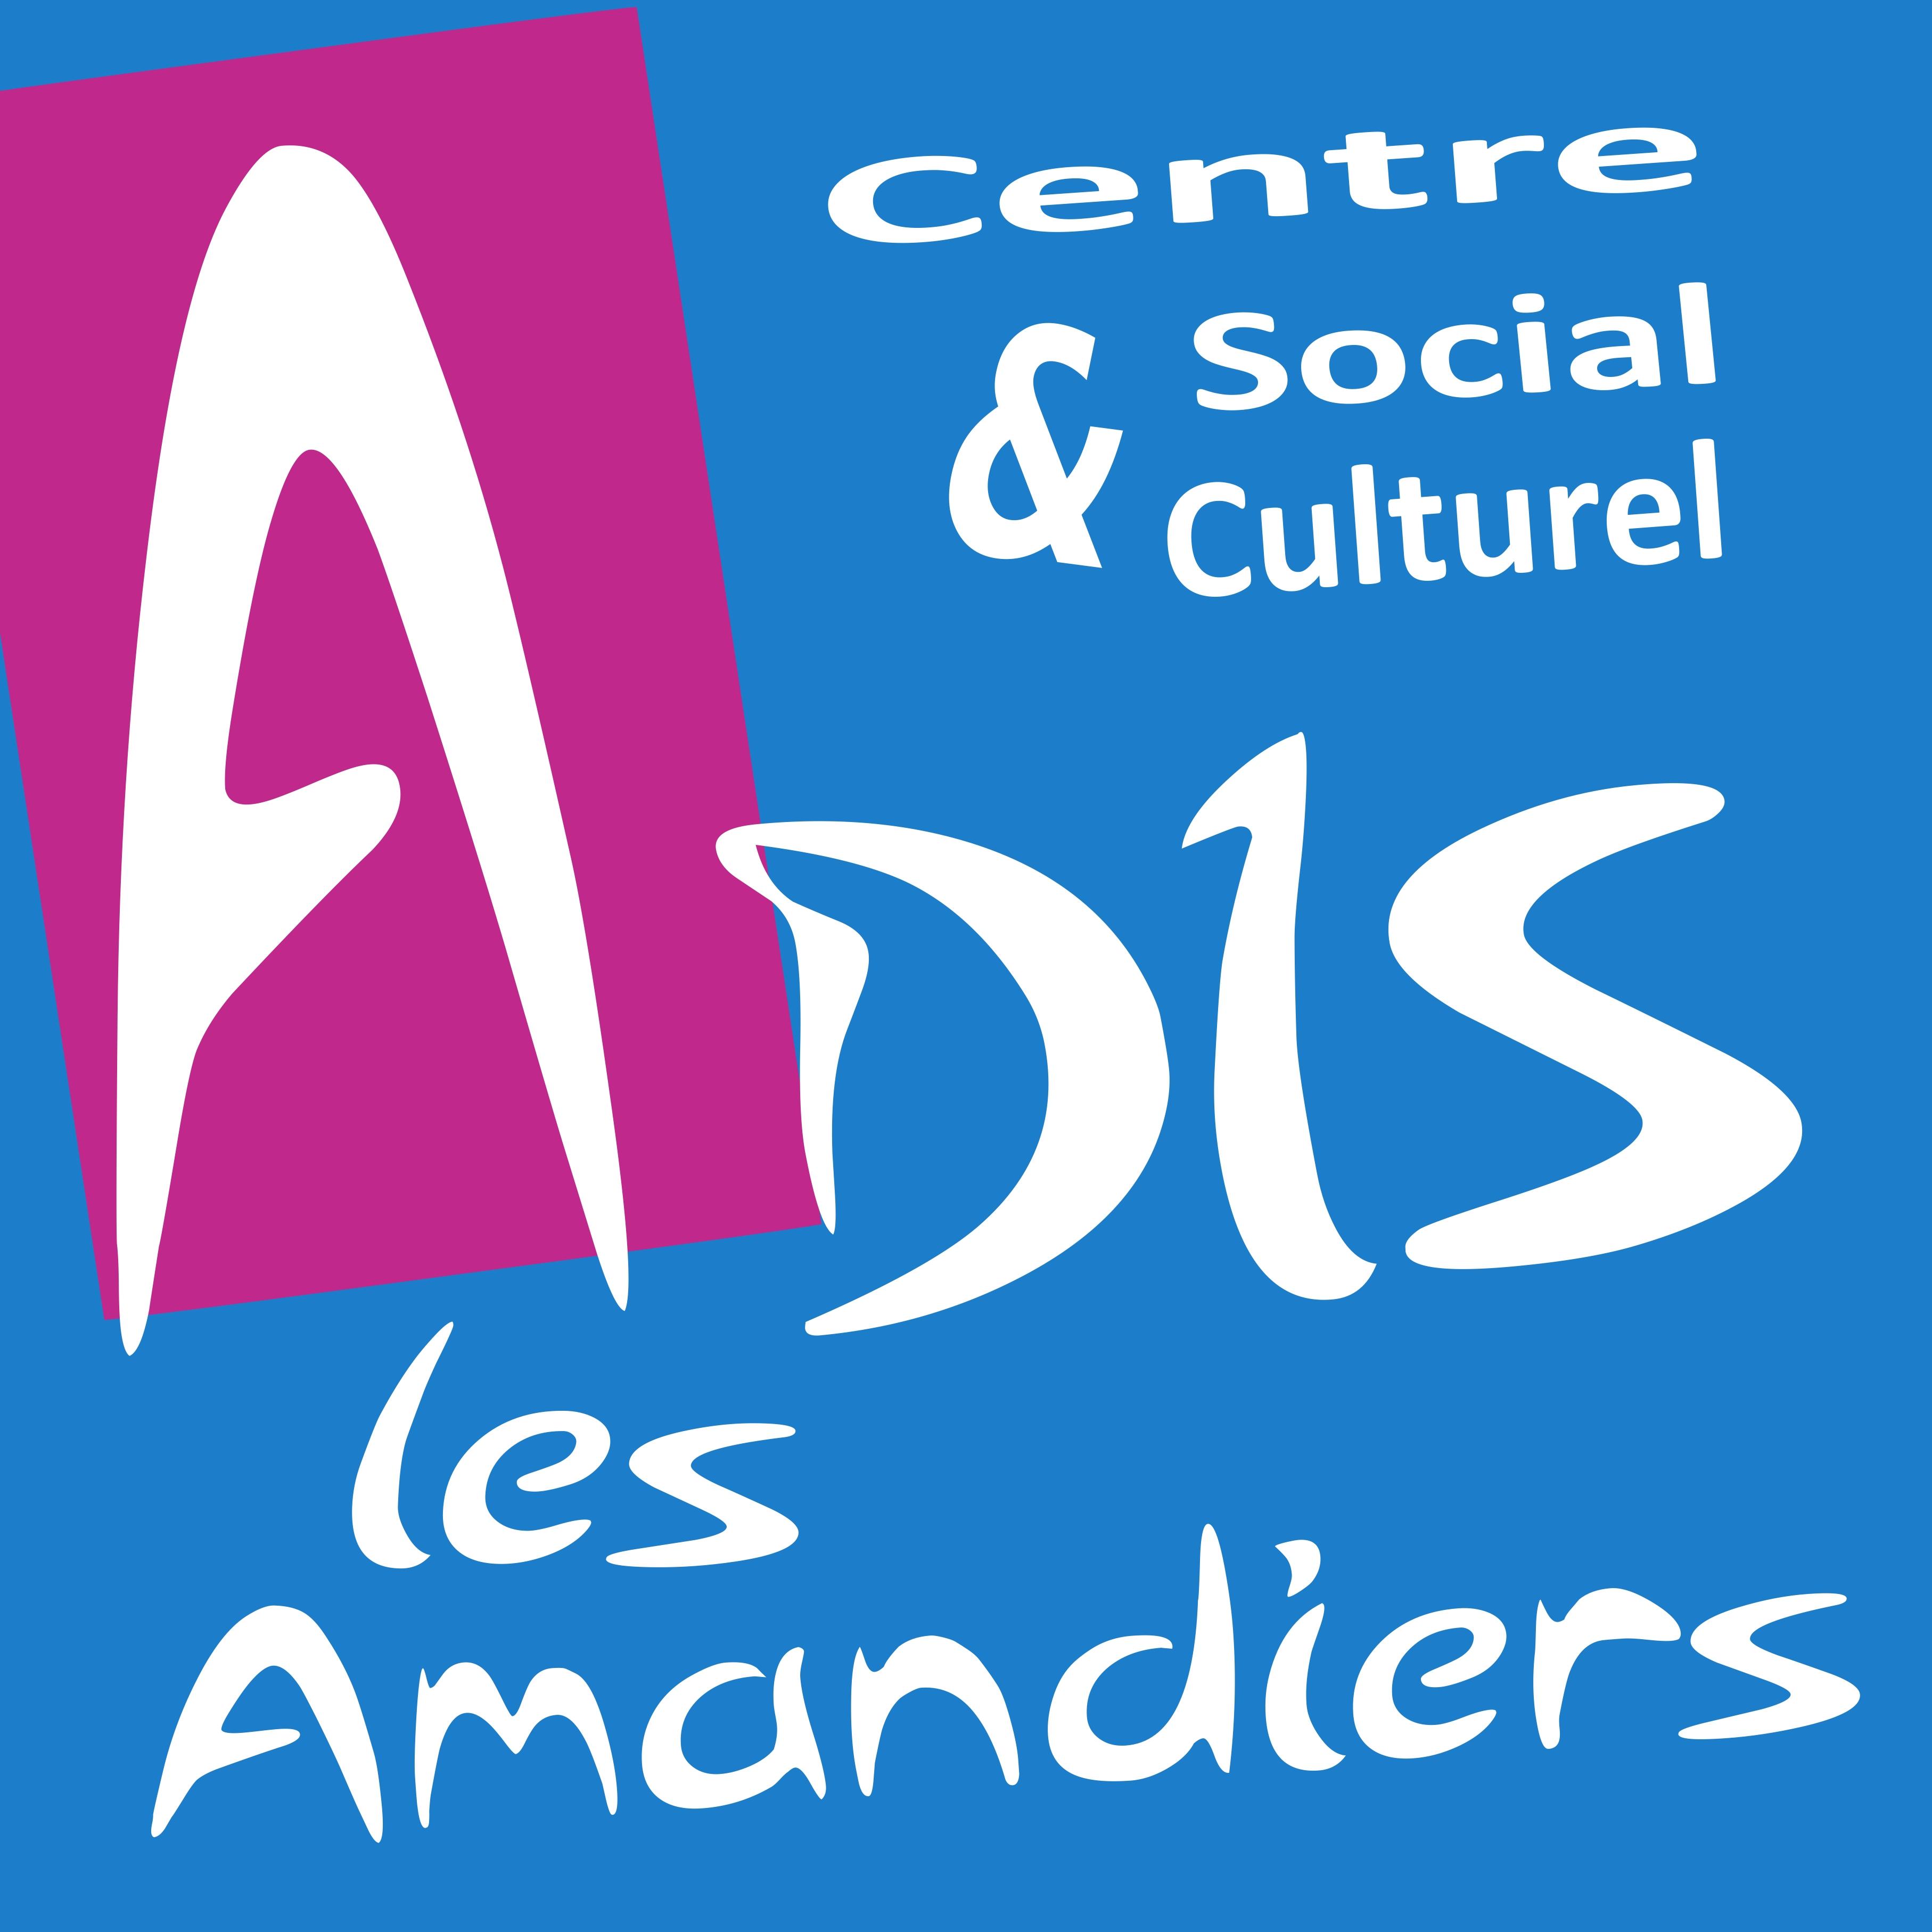 A.D.I.S les Amandiers